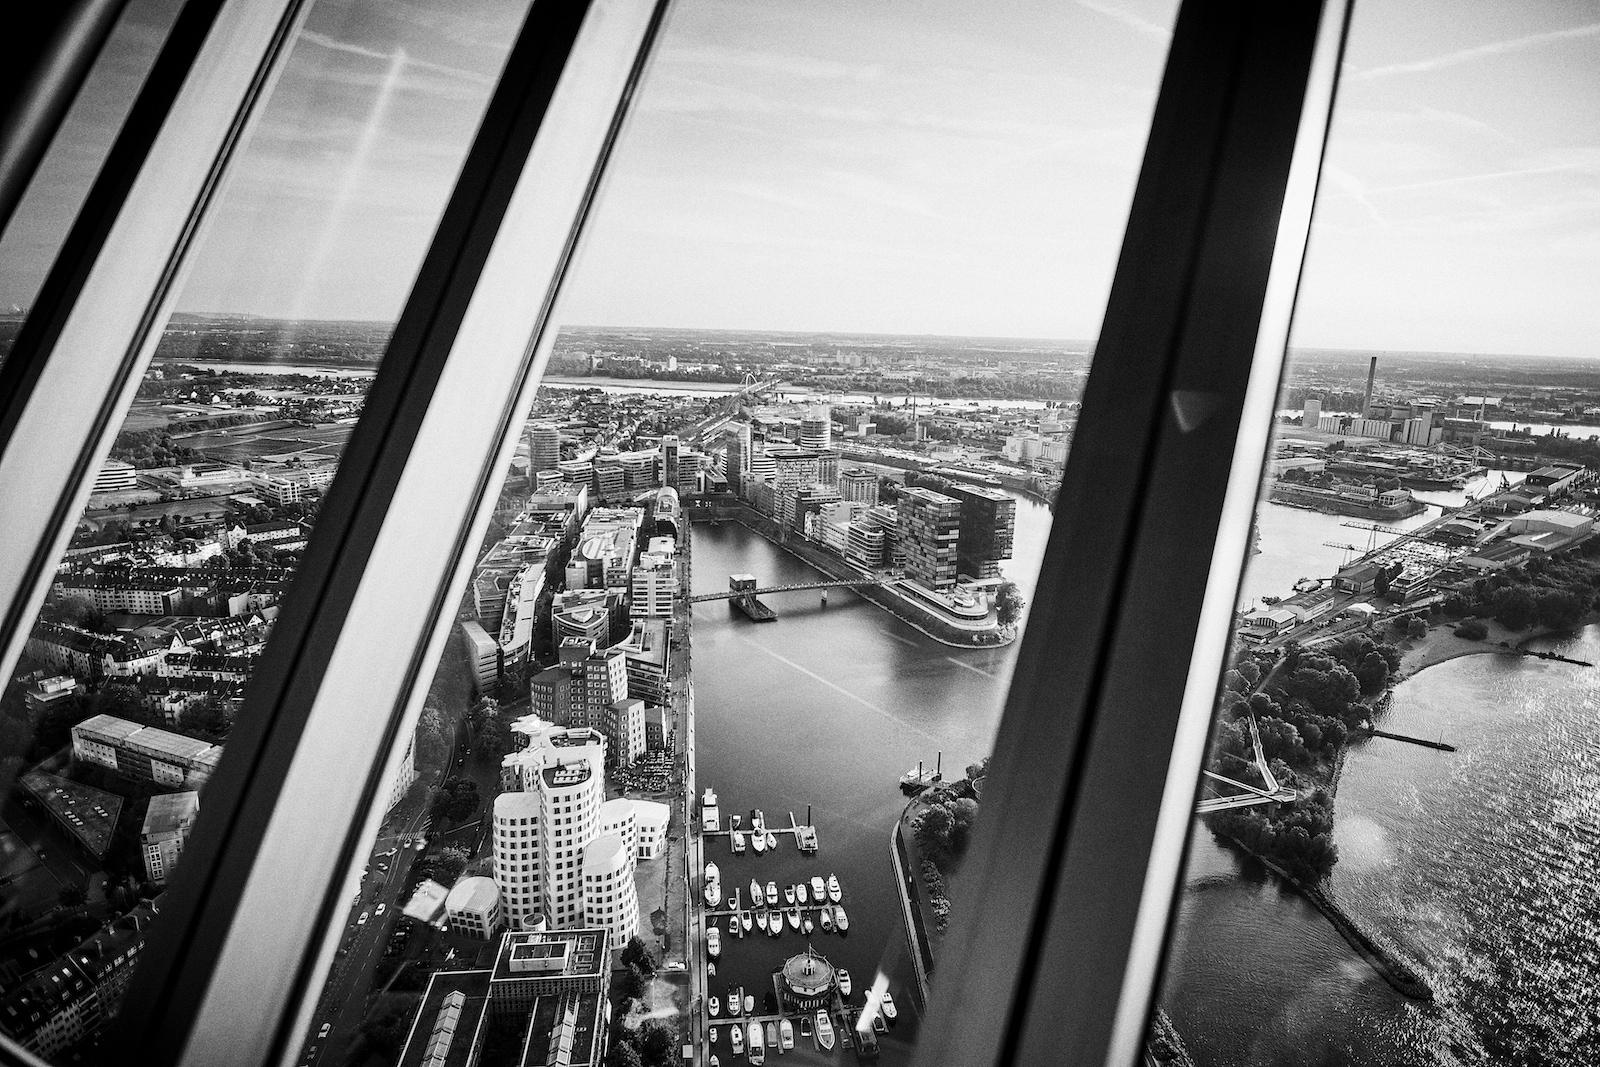 Cook & Cross ist eine Veranstaltung für Architekten und Immobilienbranche. 2019 auf 172,5 Meter fand die Veranstaltung im Fernsehturm Düsseldorf statt.